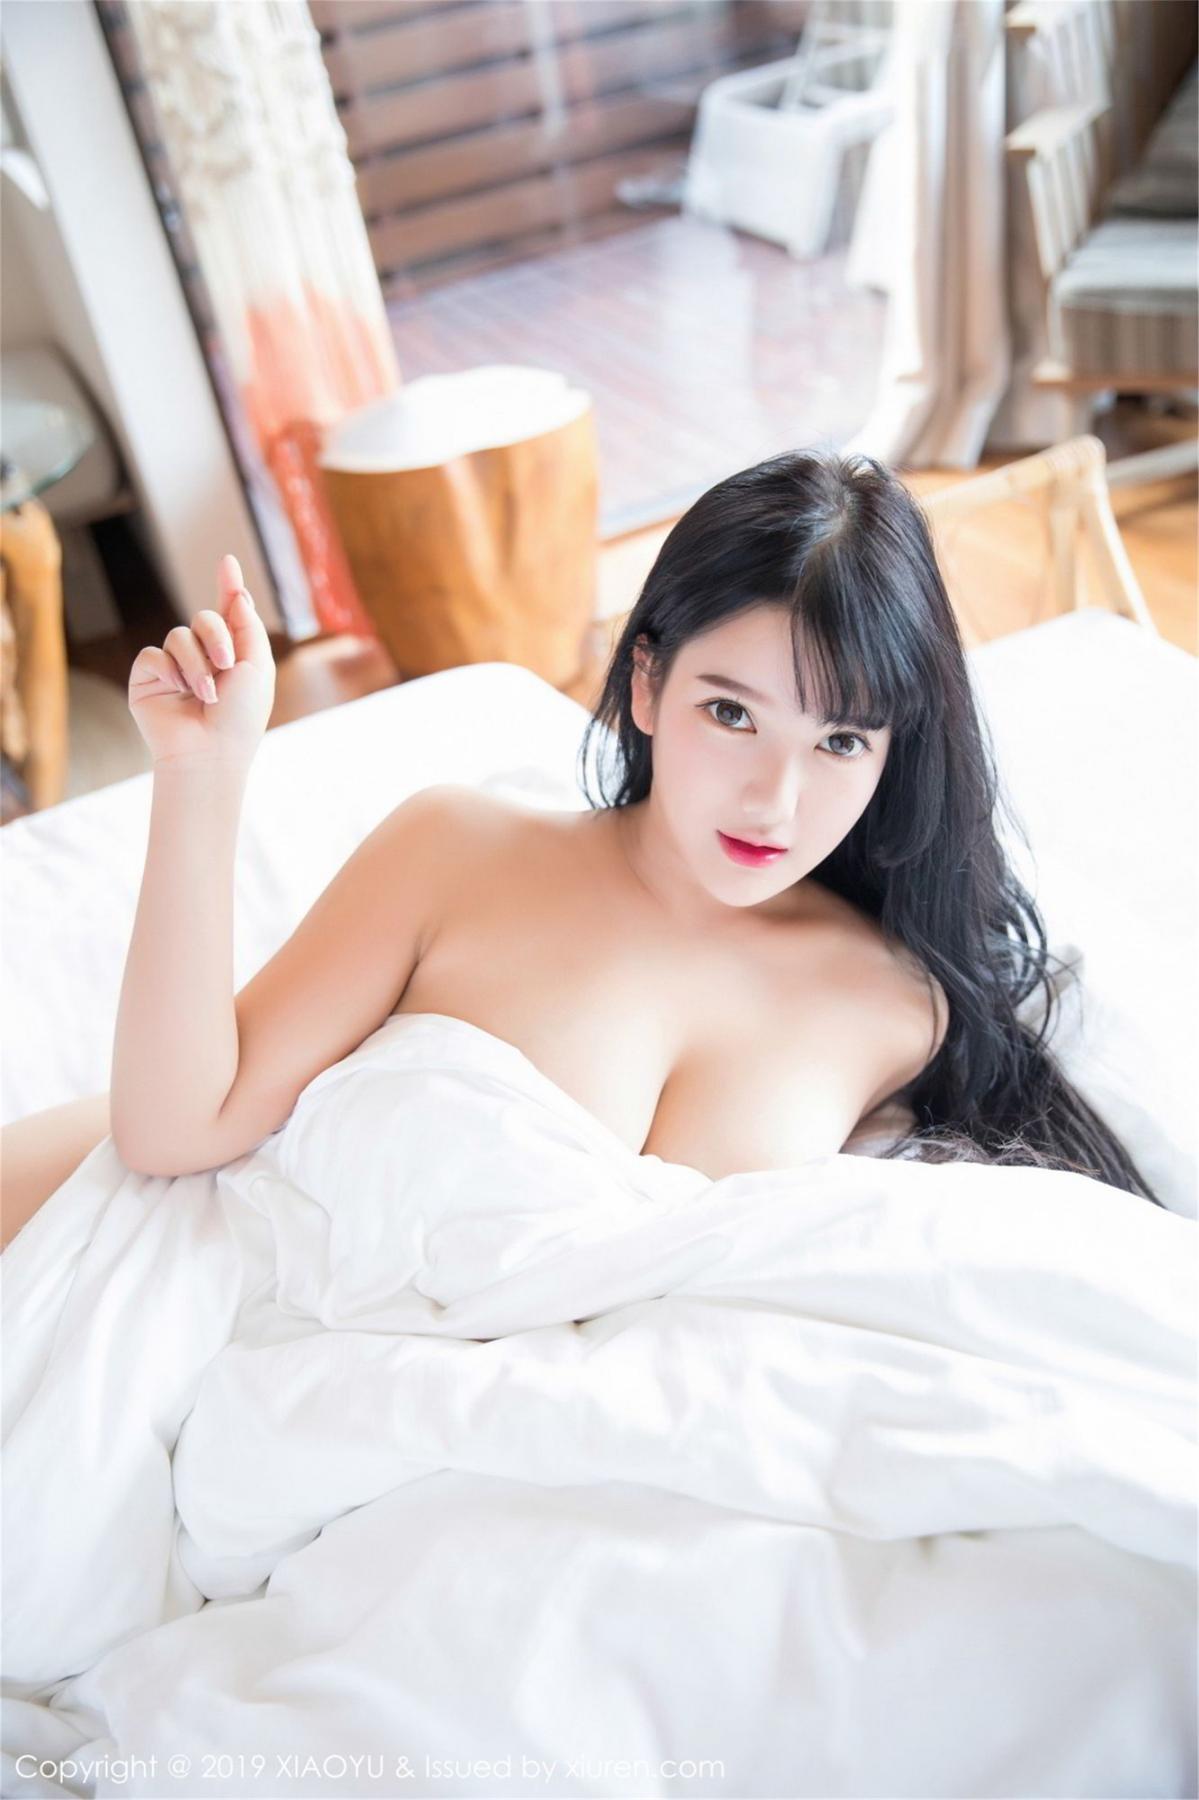 [XiaoYu] Vol.070 Lu Lu Xiao Miao 16P, Baby Face Big Boobs, Lovely, Lu Lu Xiao Miao, XiaoYu